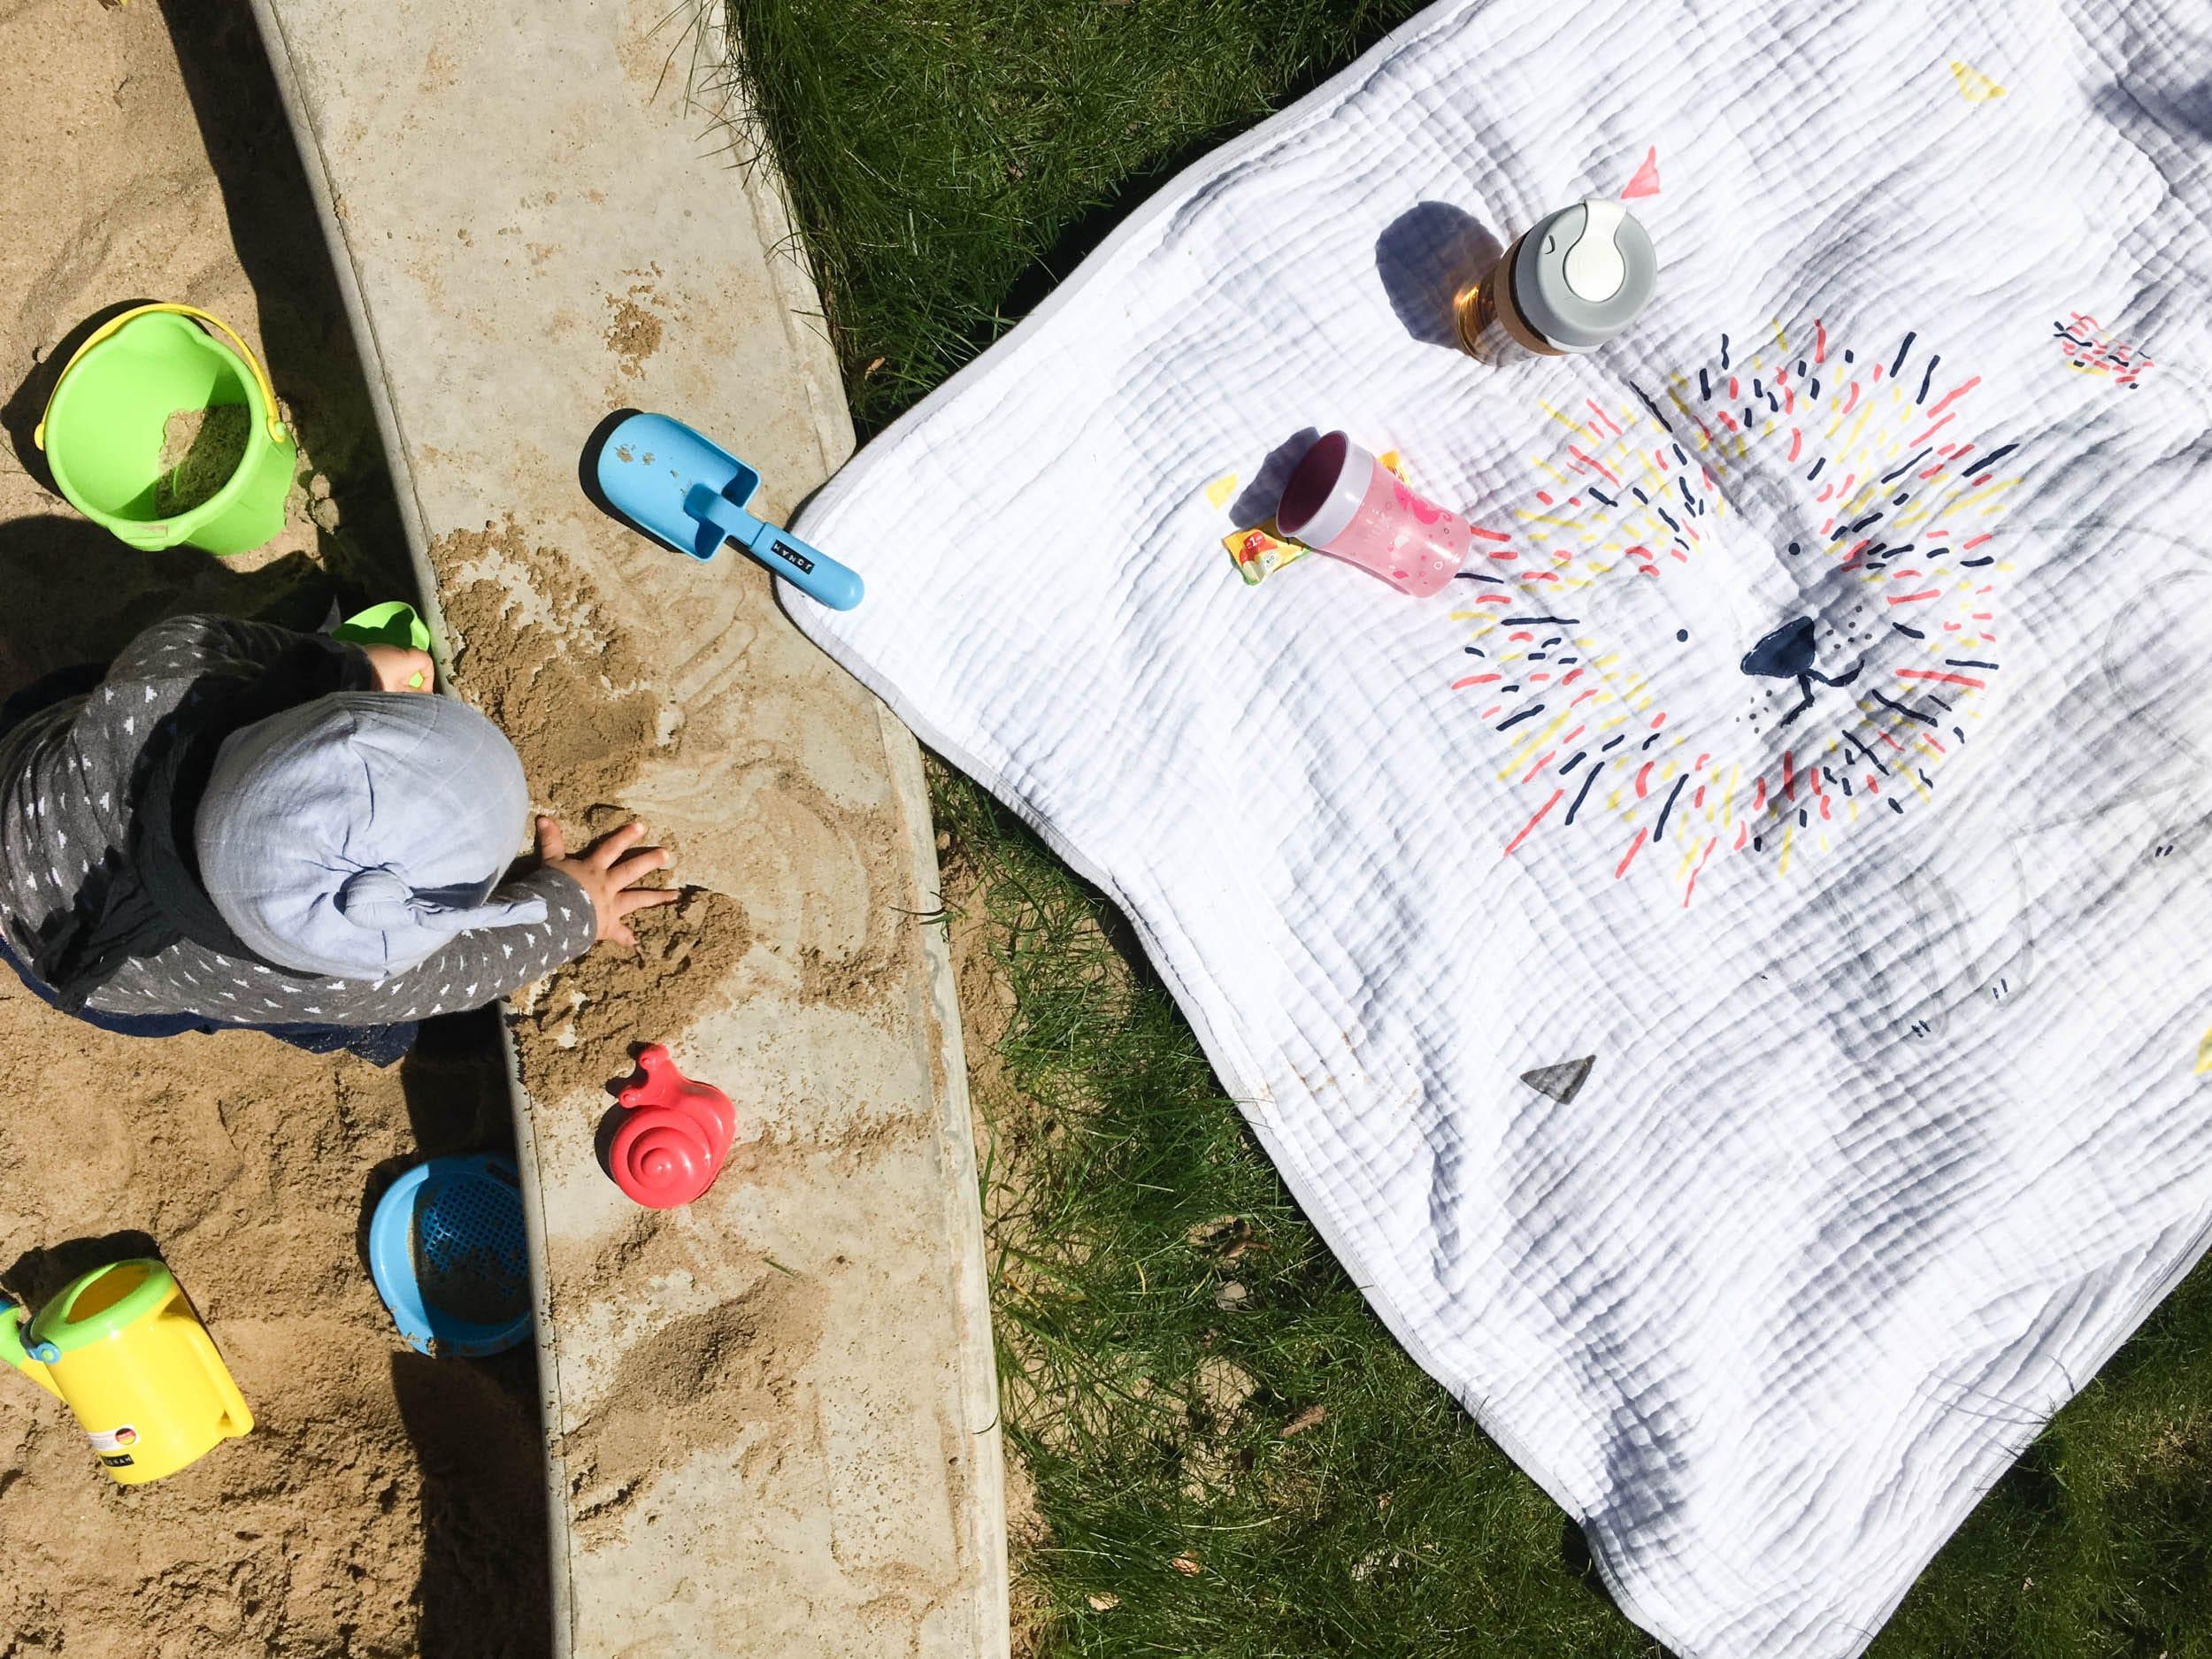 Spielplatzkind | Unsere Essentials für einen Ausflug in die Sandkiste | Ausrüstung | Wishlist